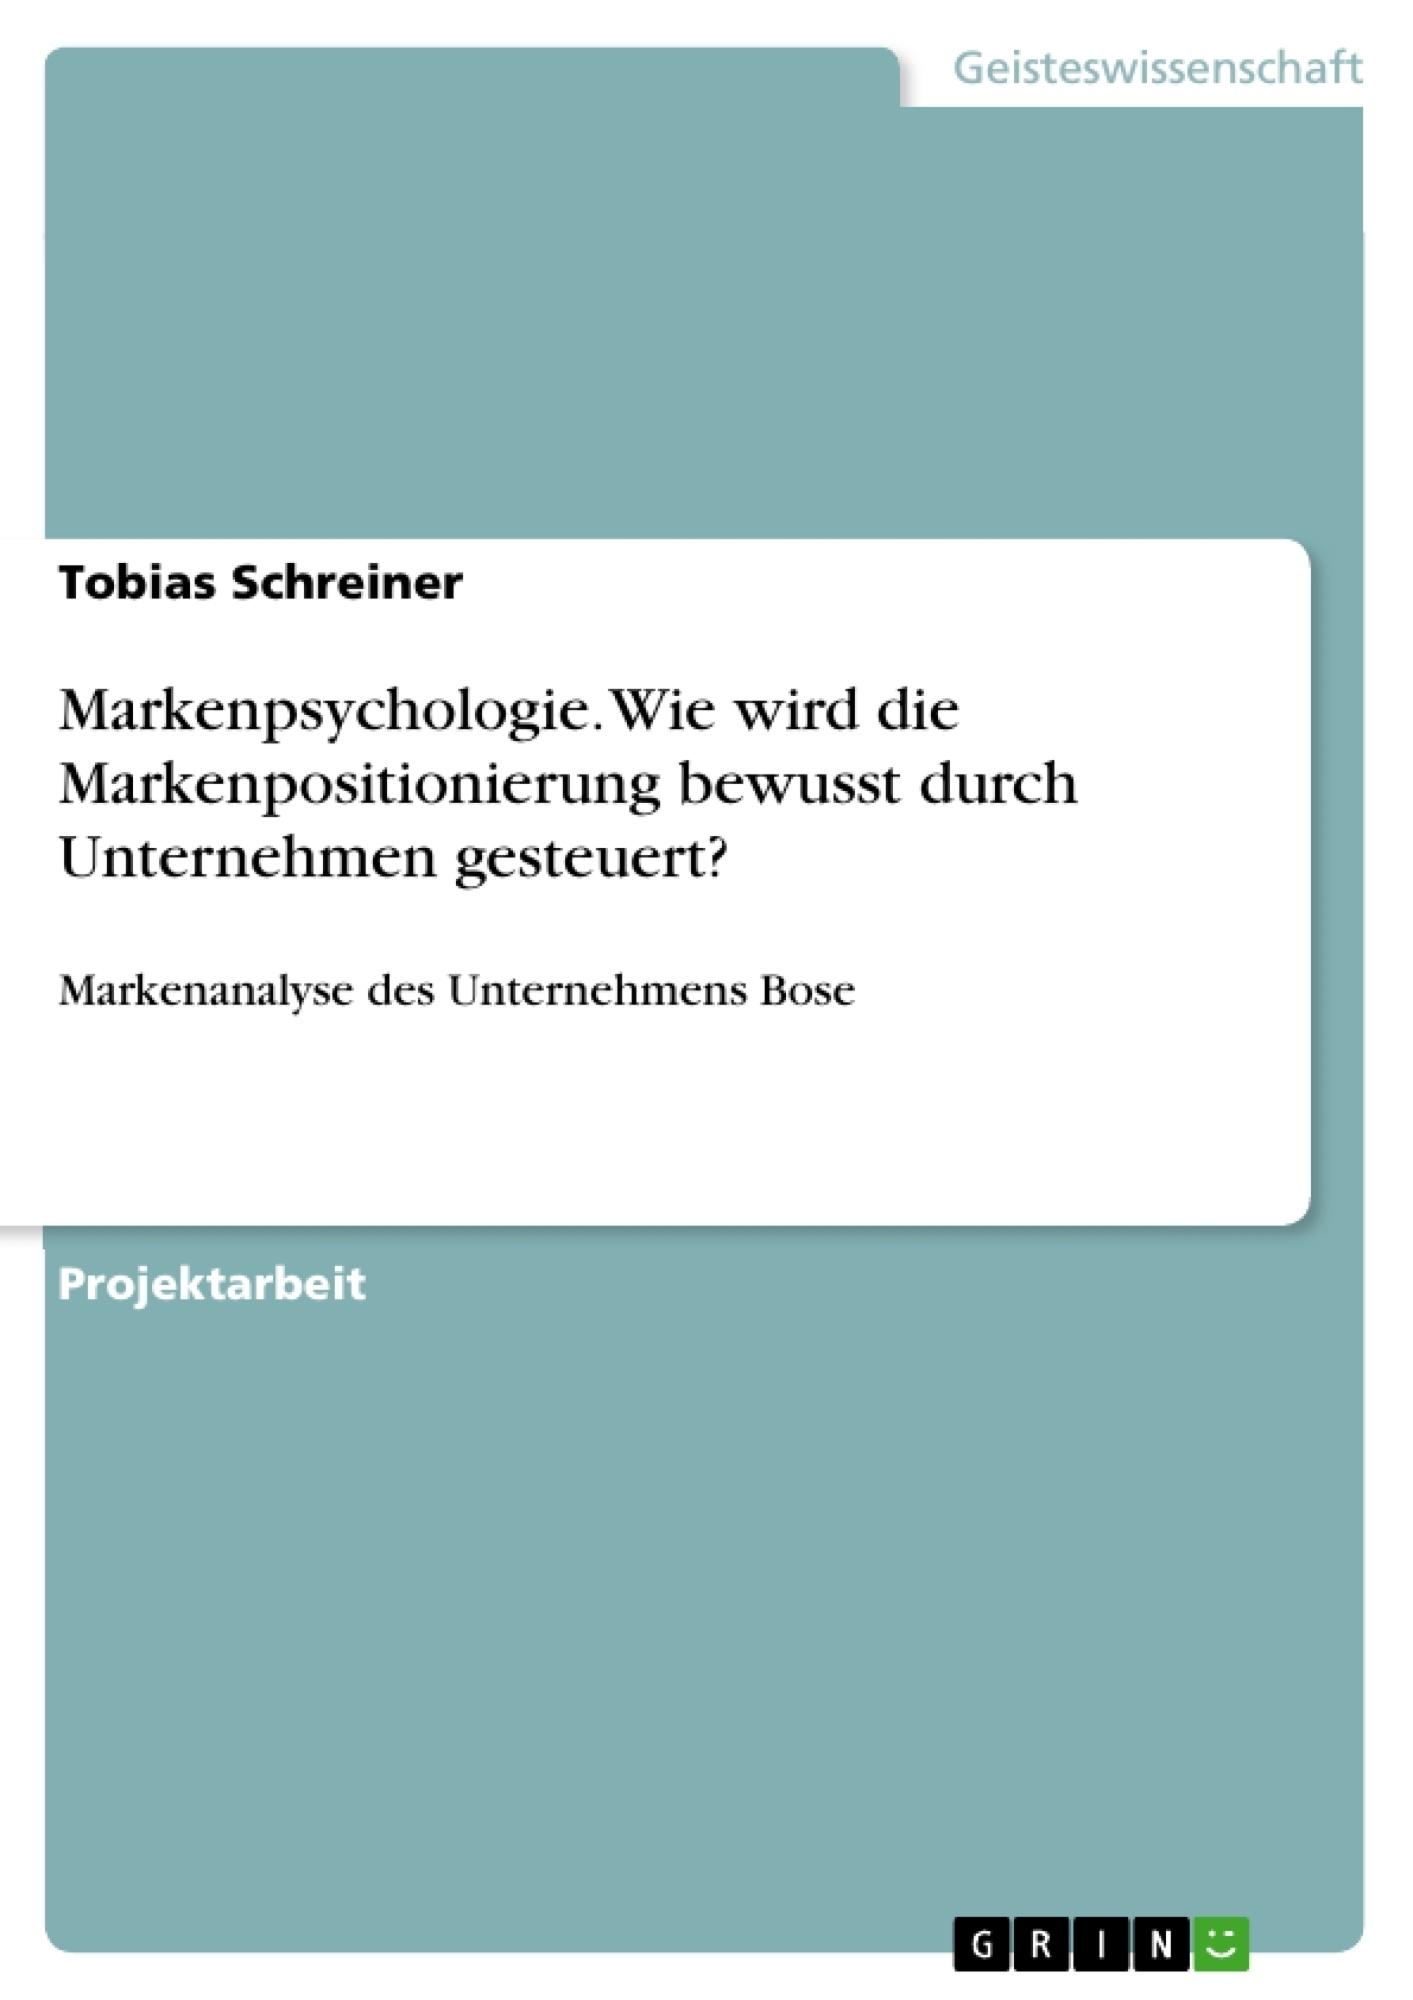 Titel: Markenpsychologie. Wie wird die Markenpositionierung bewusst durch Unternehmen gesteuert?